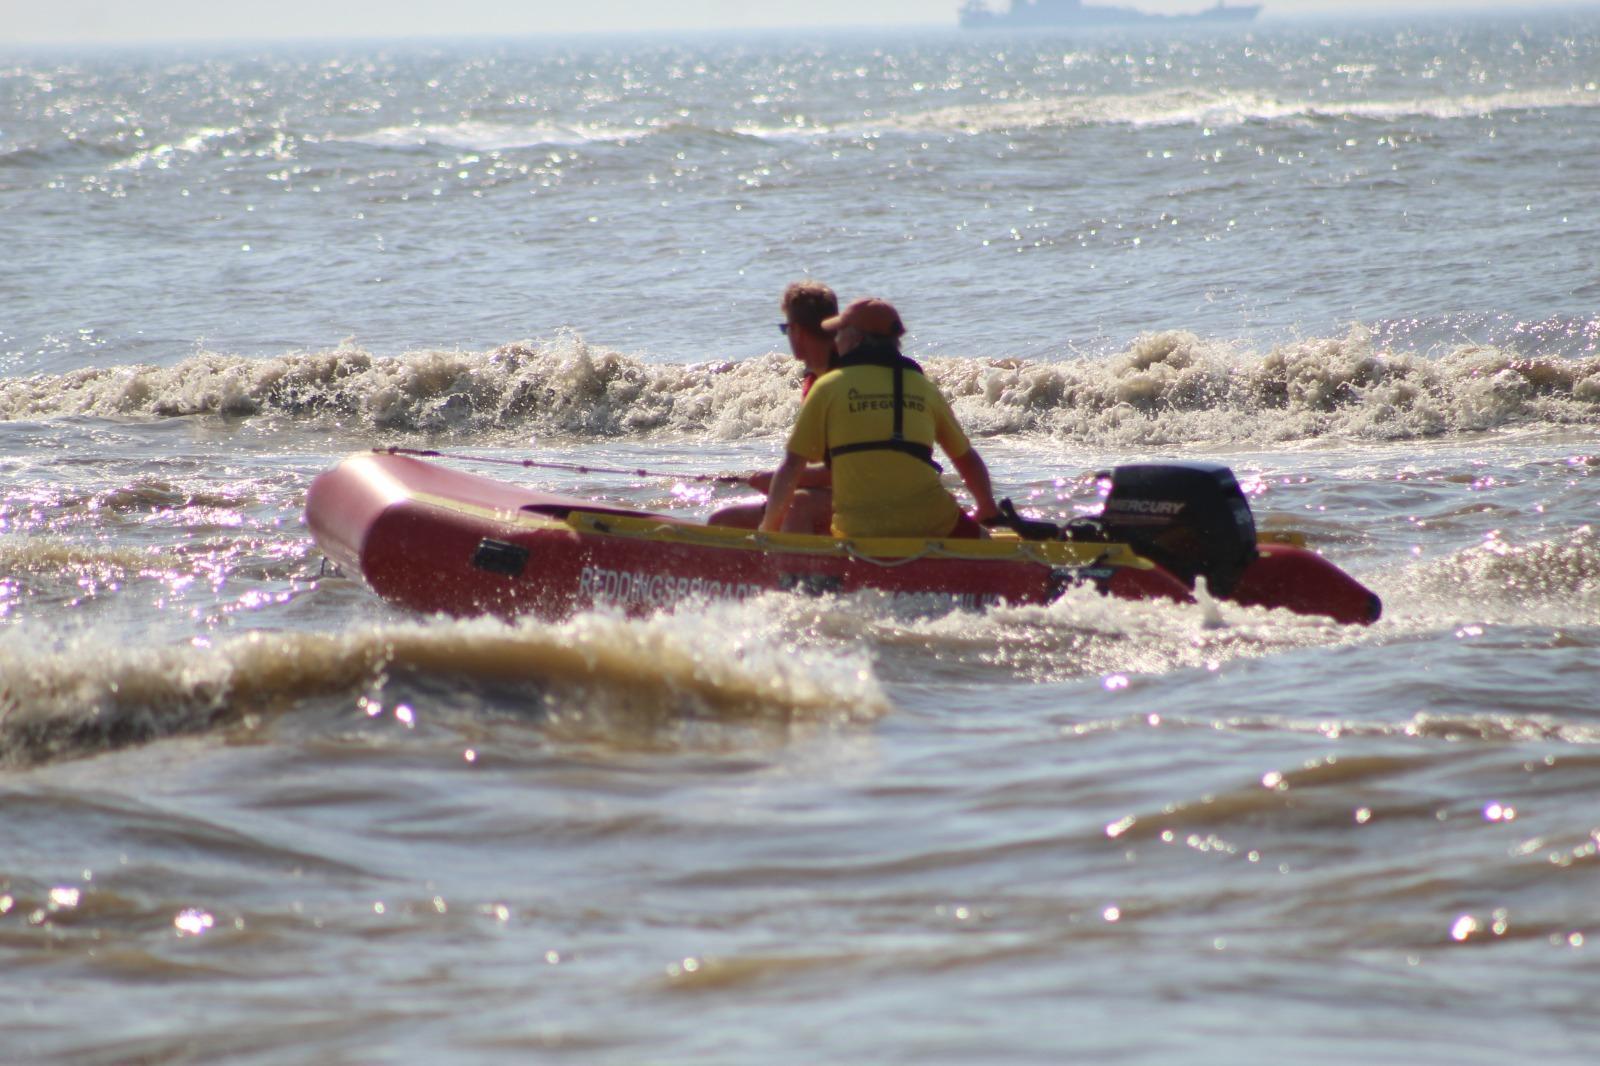 Hulpdiensten zoeken naar vermiste zwemmer in zee tussen Noordwijk en Katwijk